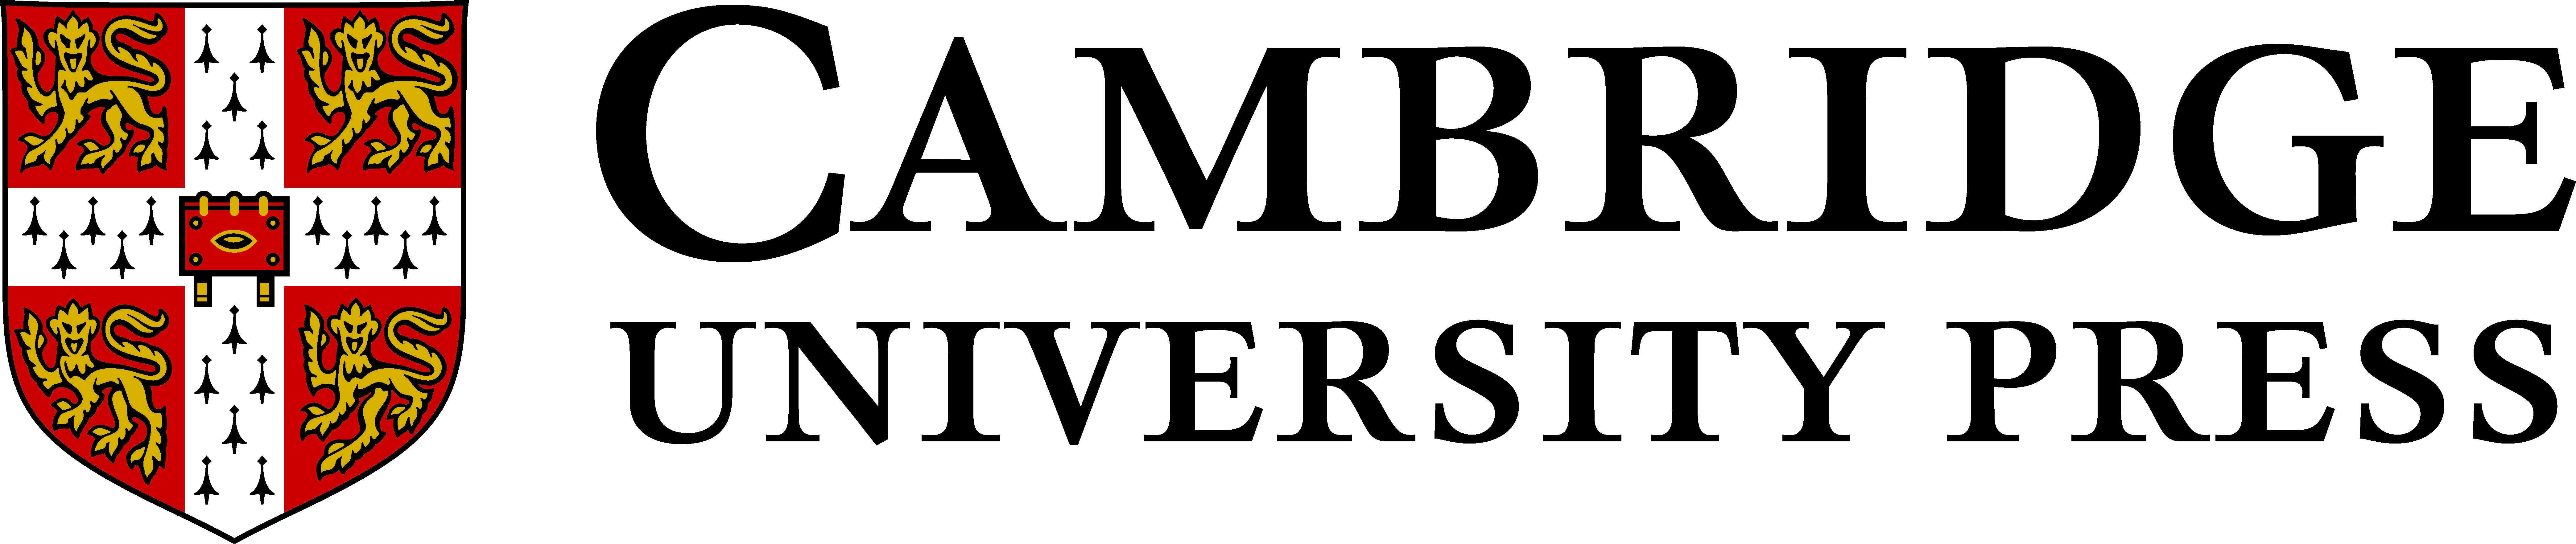 Cambridge University Press - Wikipedia